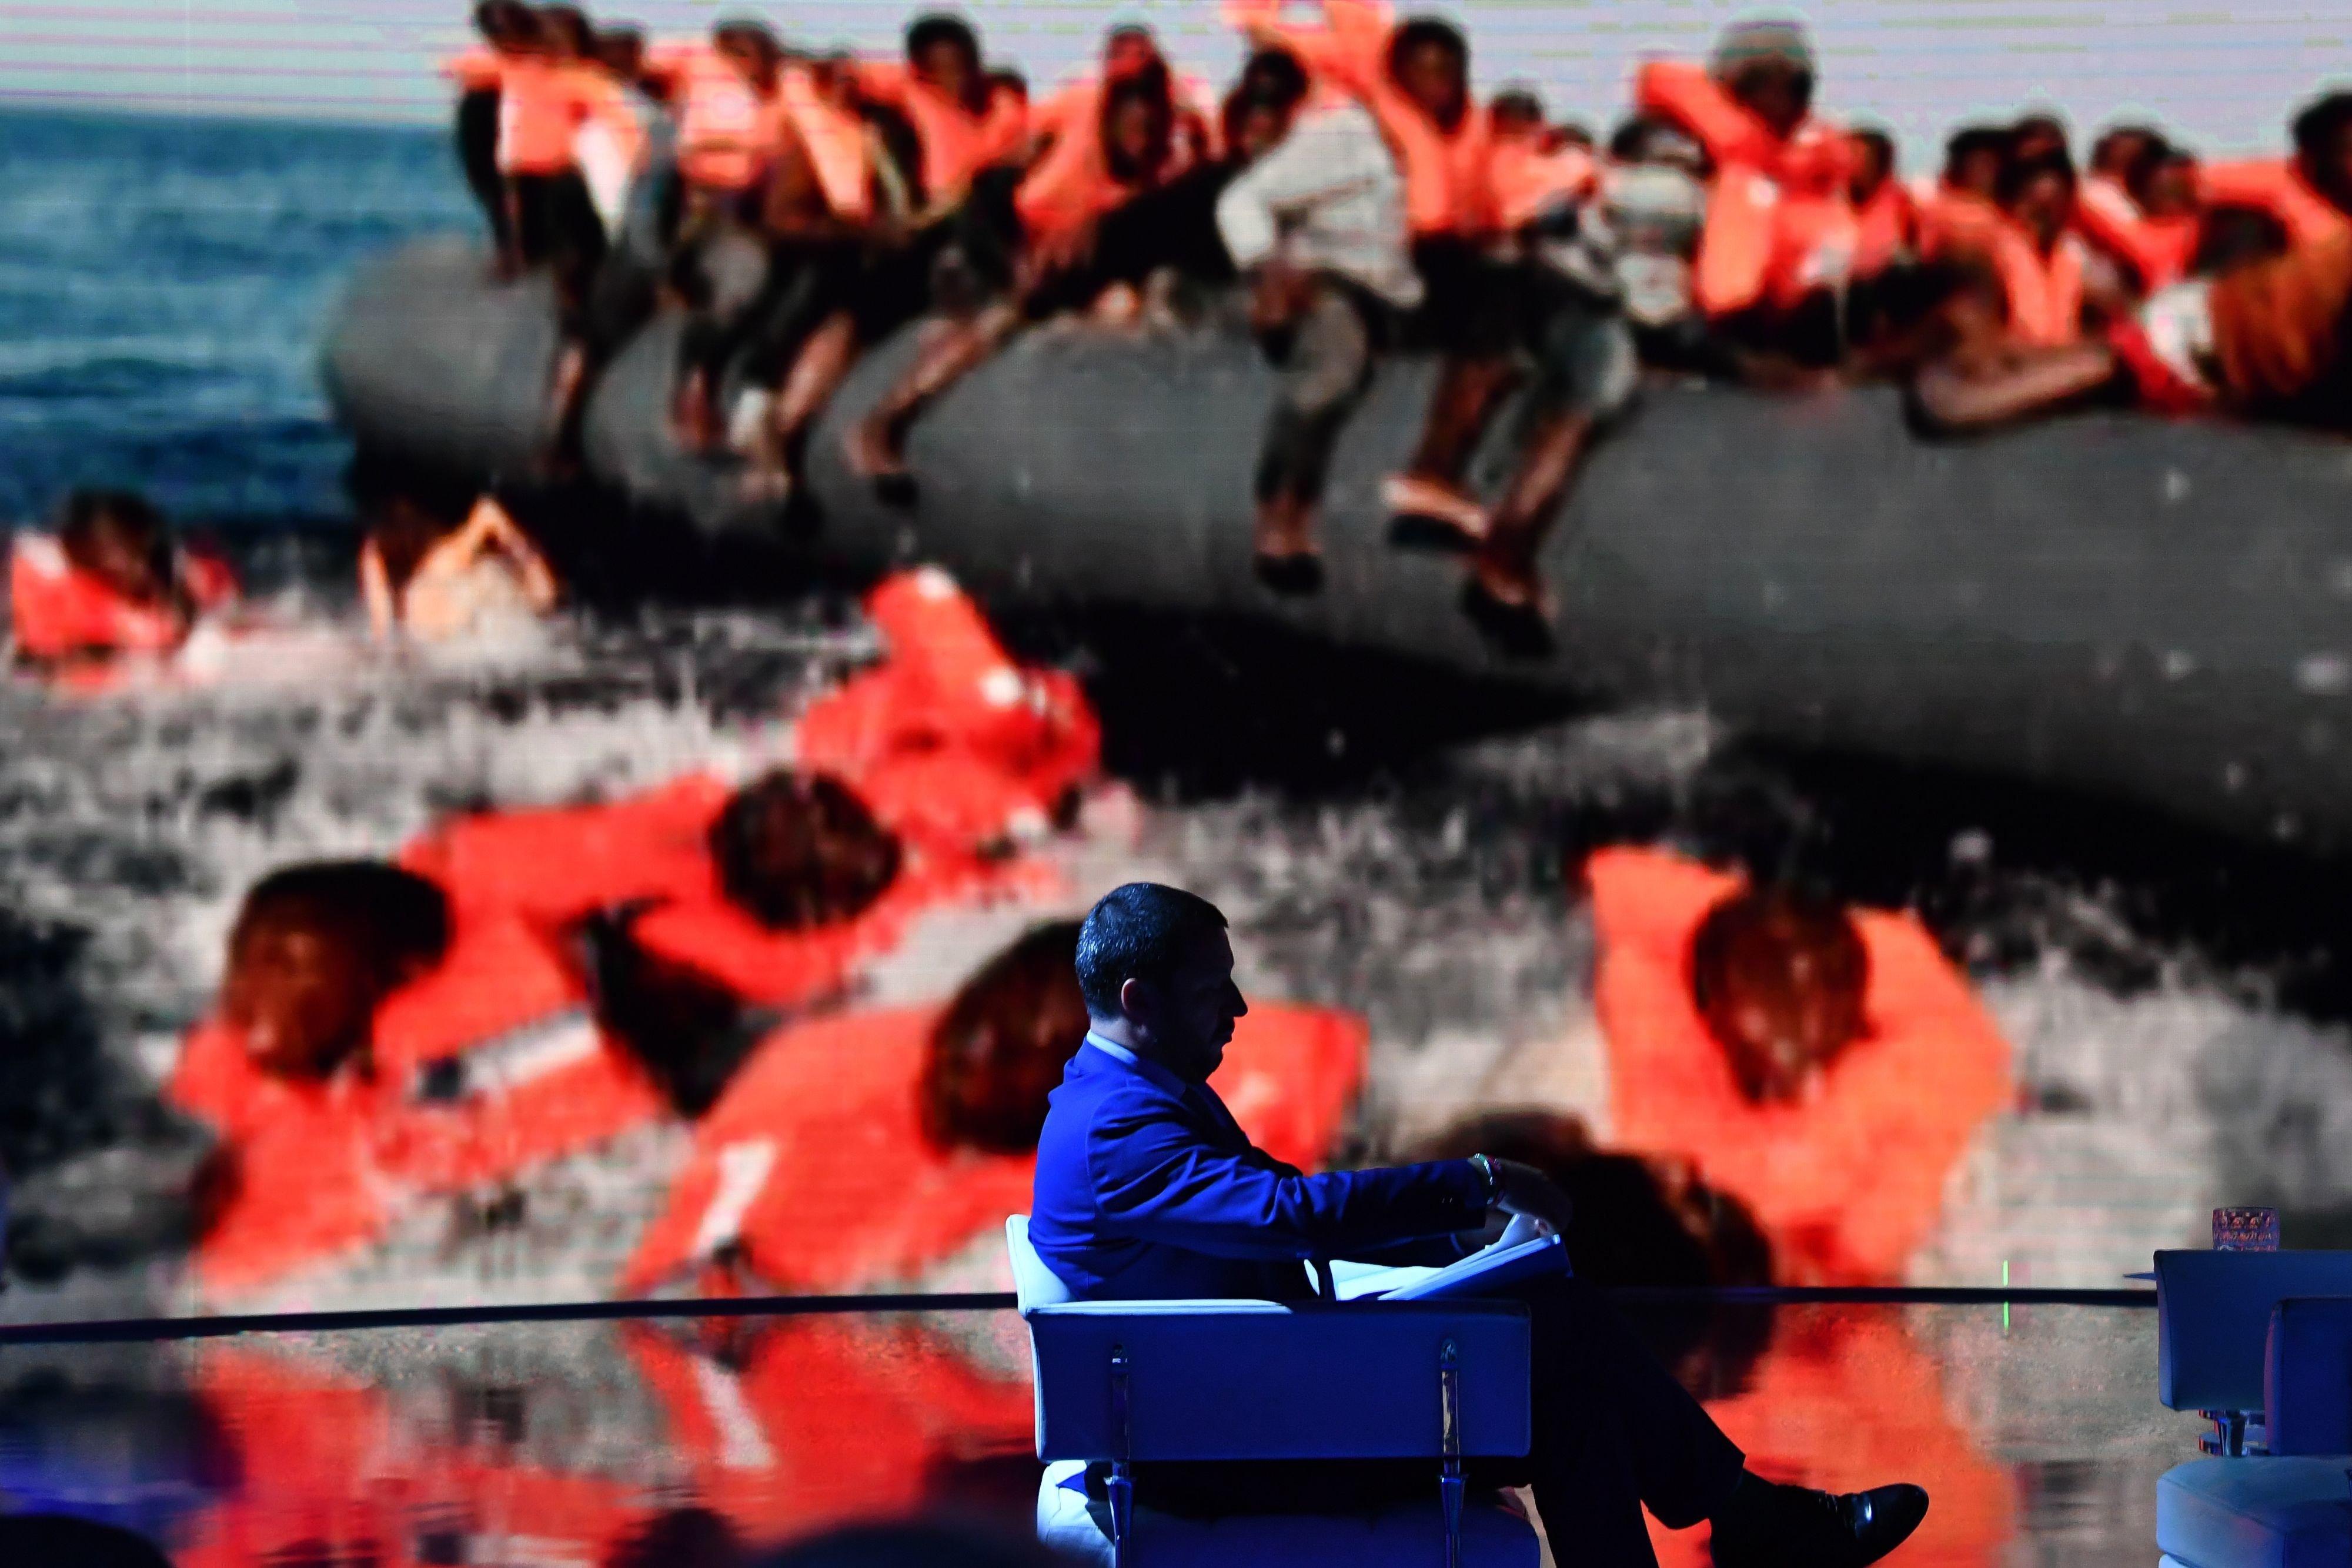 Η κυβέρνηση Κόντε απειλεί με αποχή από τη Σύνοδο Κορυφής εάν «όλα έχουν ήδη συμφωνηθεί για το